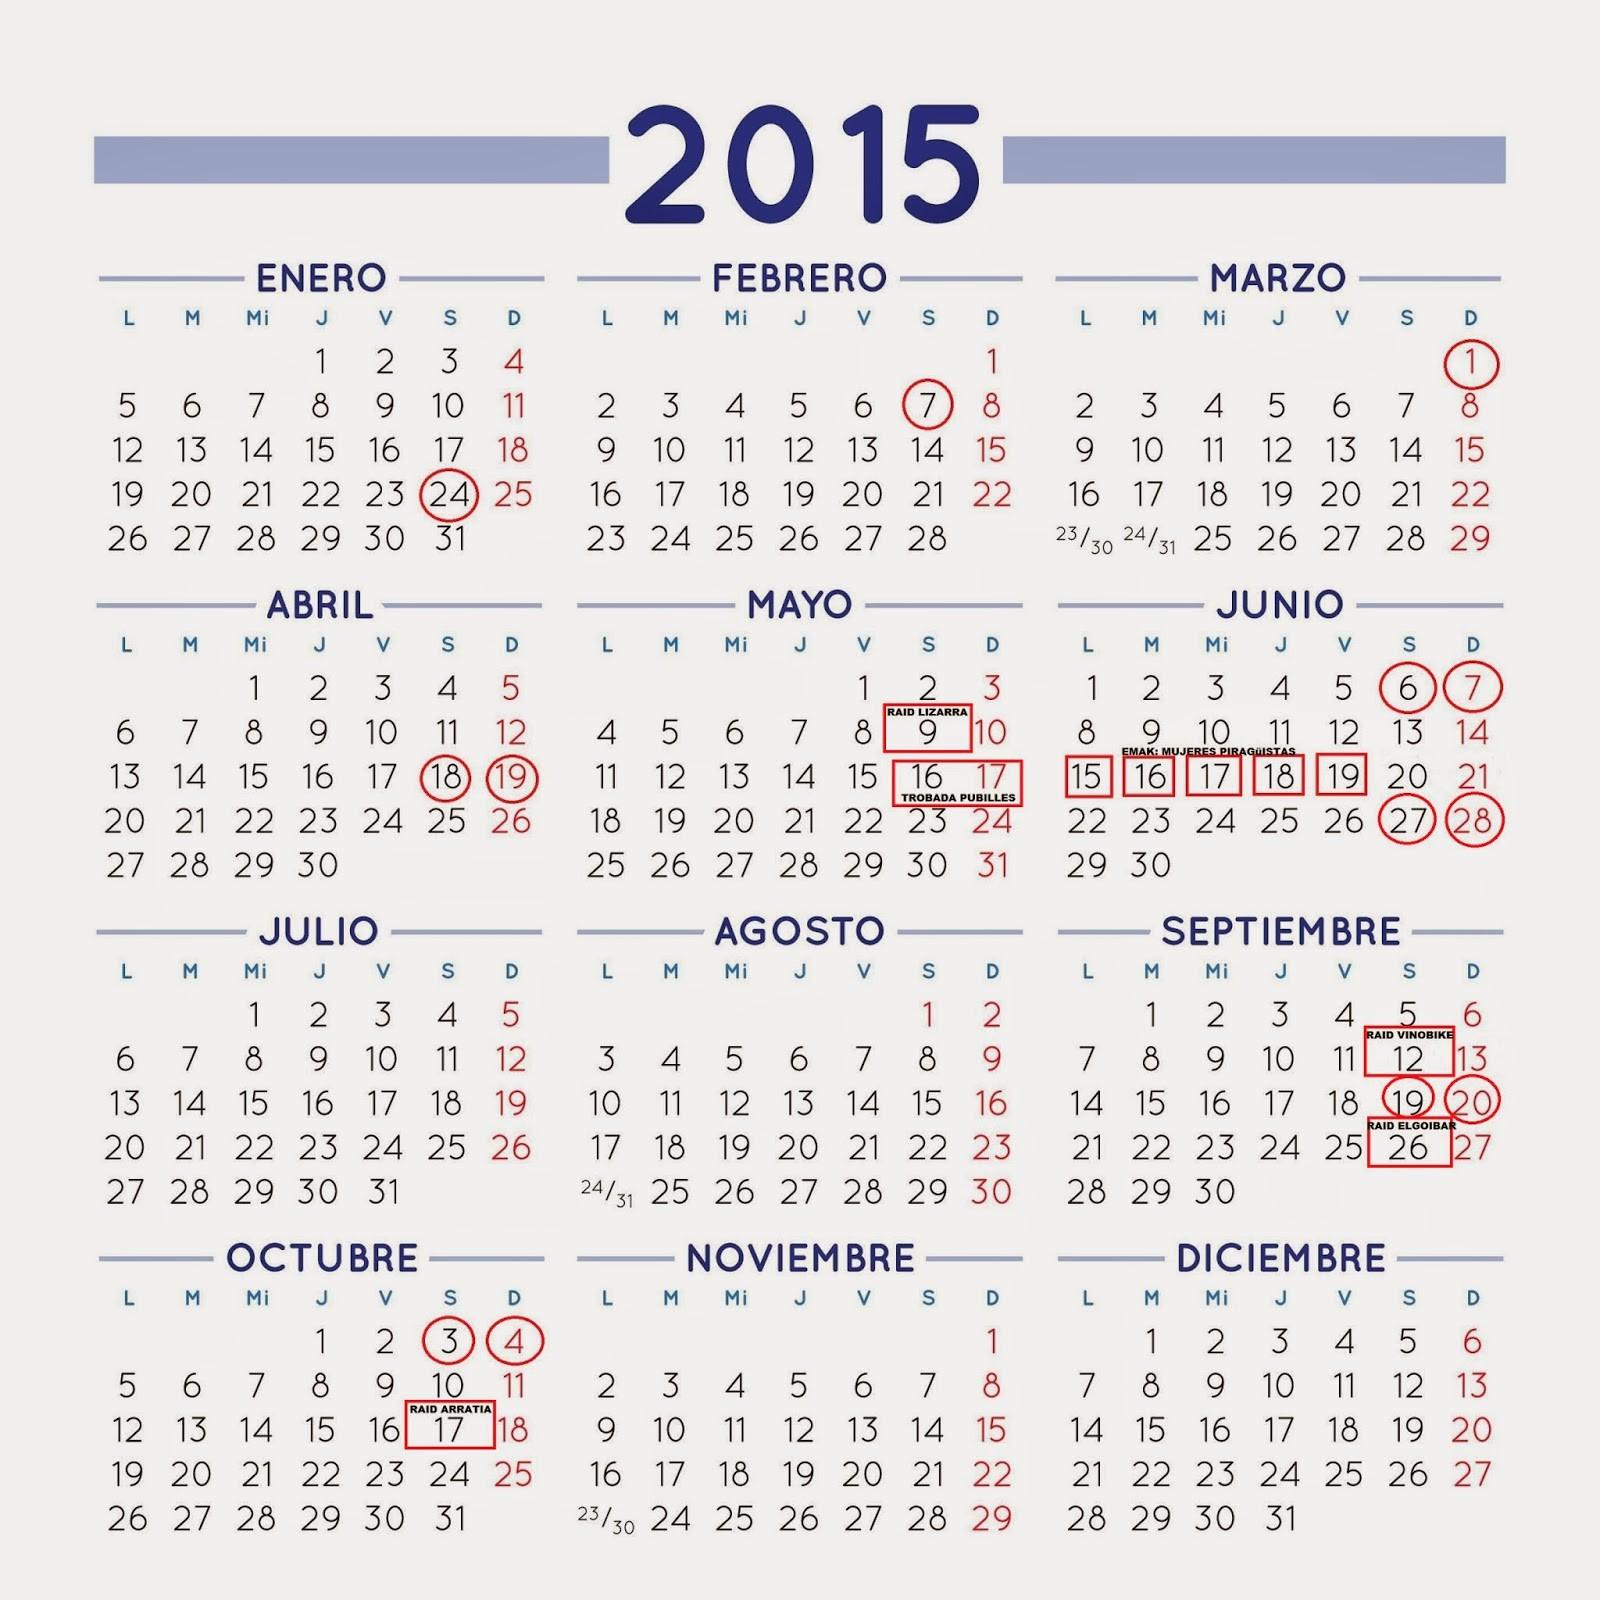 Calendario Comercial Colombia 2019 Más Populares Imagenes De Calendario 2015 Haskatashort Of Calendario Comercial Colombia 2019 Más Recientemente Liberado Imagenes De Calendario 2015 Haskatashort